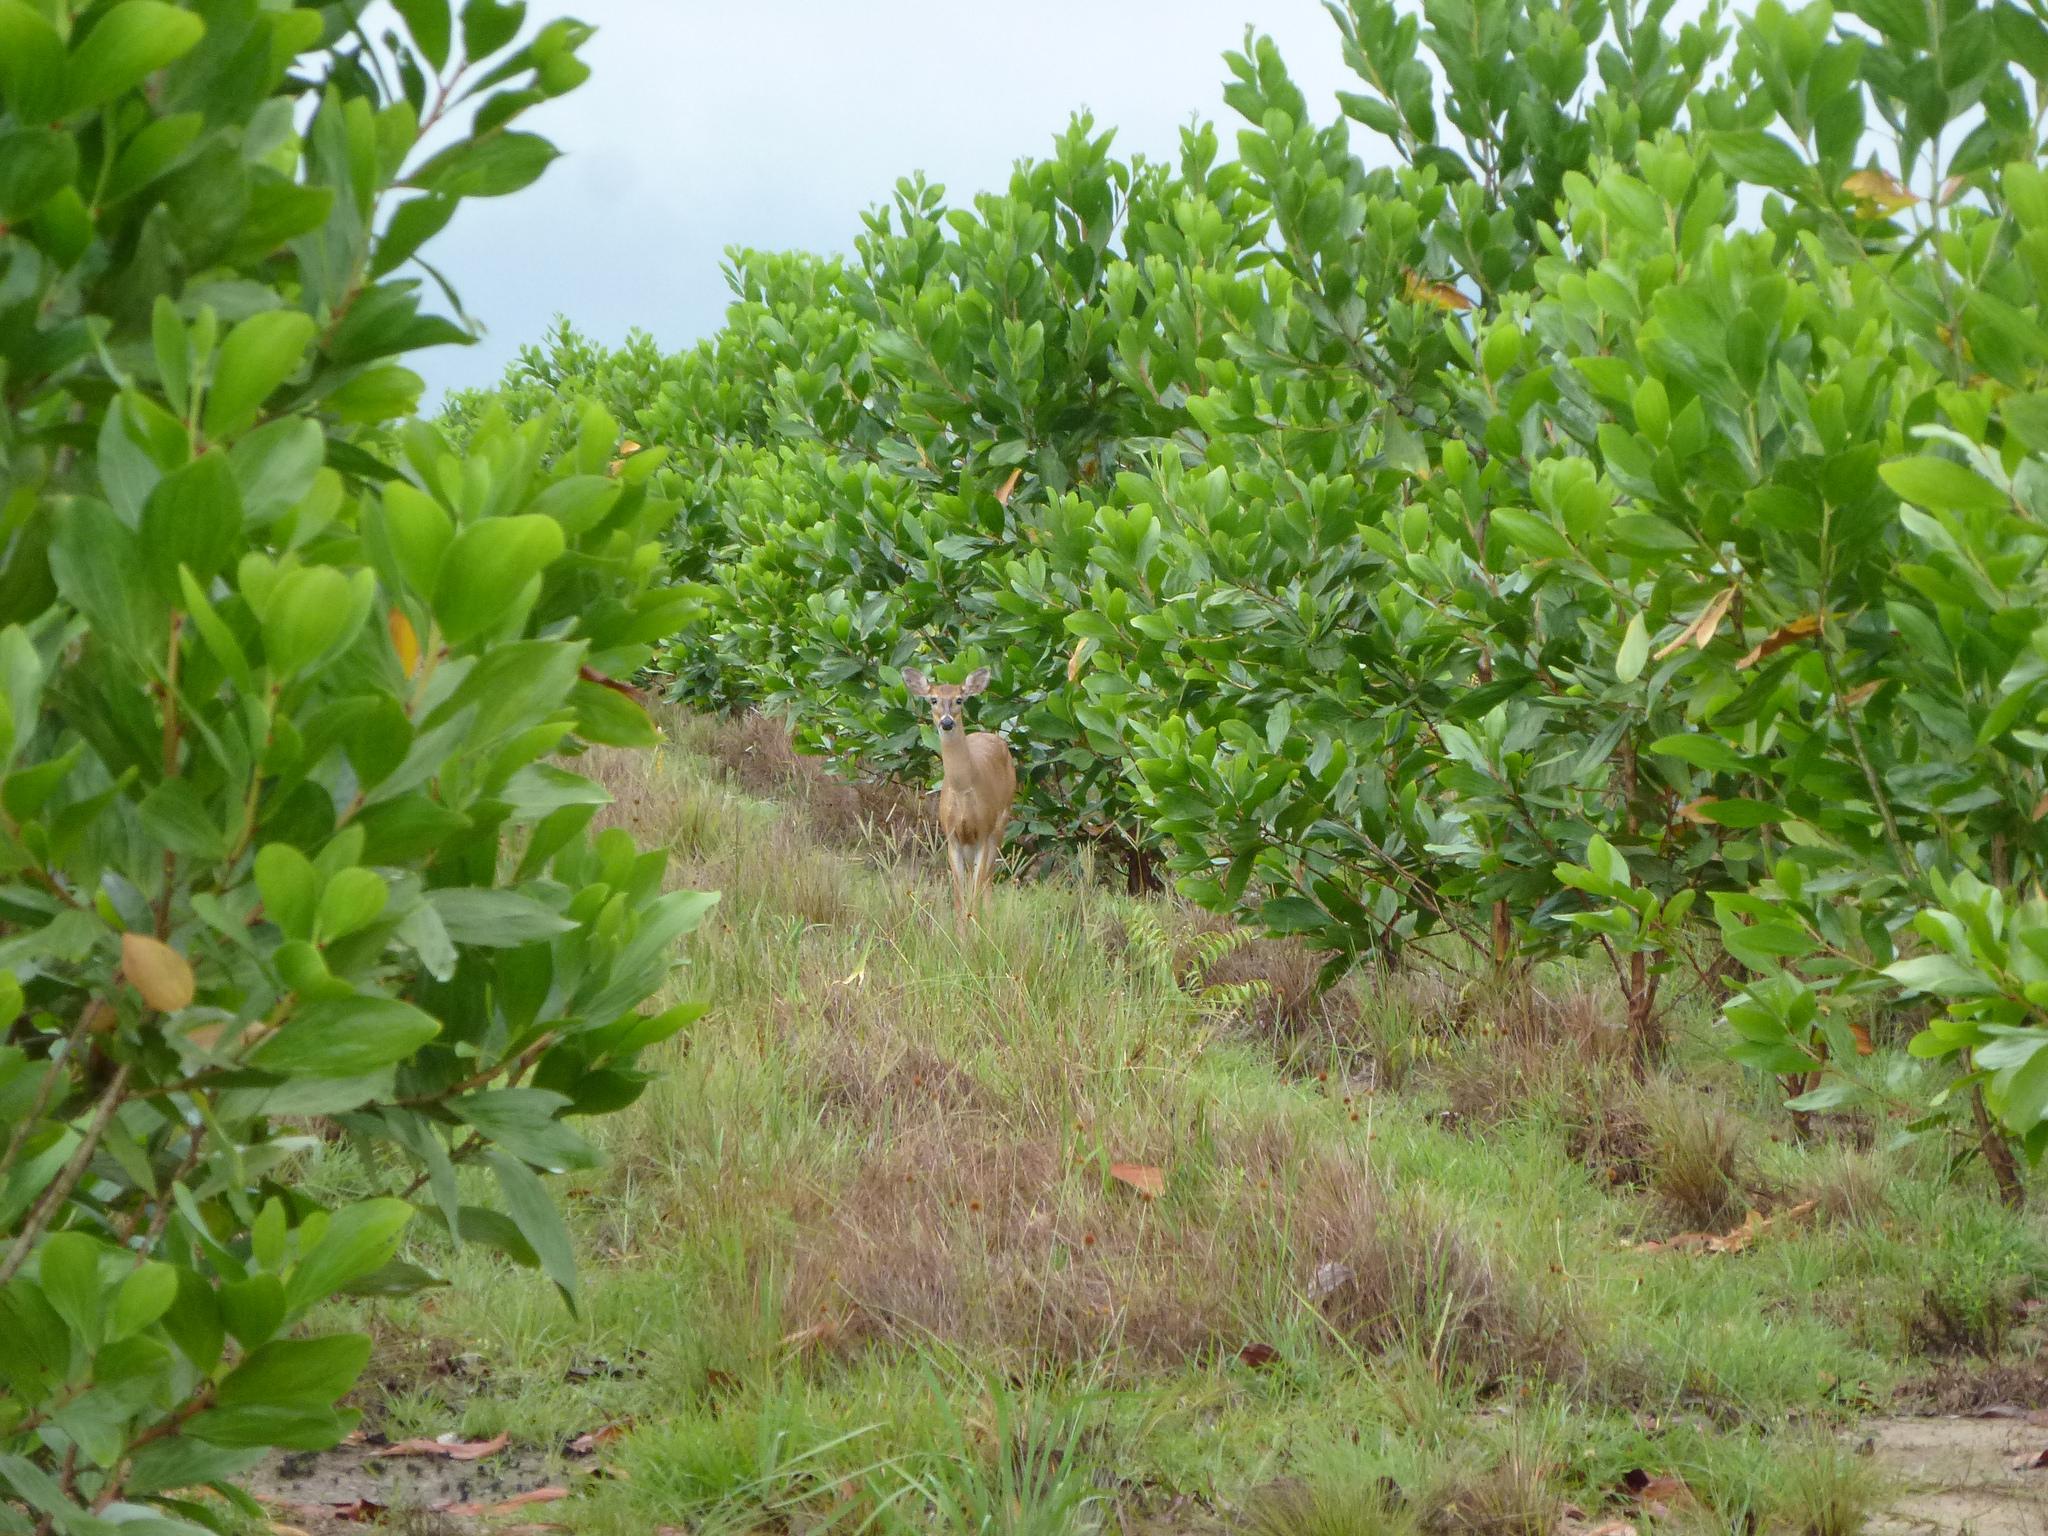 Auch ForestFinance forstet in Kolumbien auf brachliegenden Flächen Acacia-mangium-Bäume auf, die unter anderem als Energieholz Verwendung finden. Die Baumart reichert den Boden mit Stickstoff an und bereitet ihn so auf eine spätere Bepflanzung mit einem Mischwald vor. Foto: ForestFinance